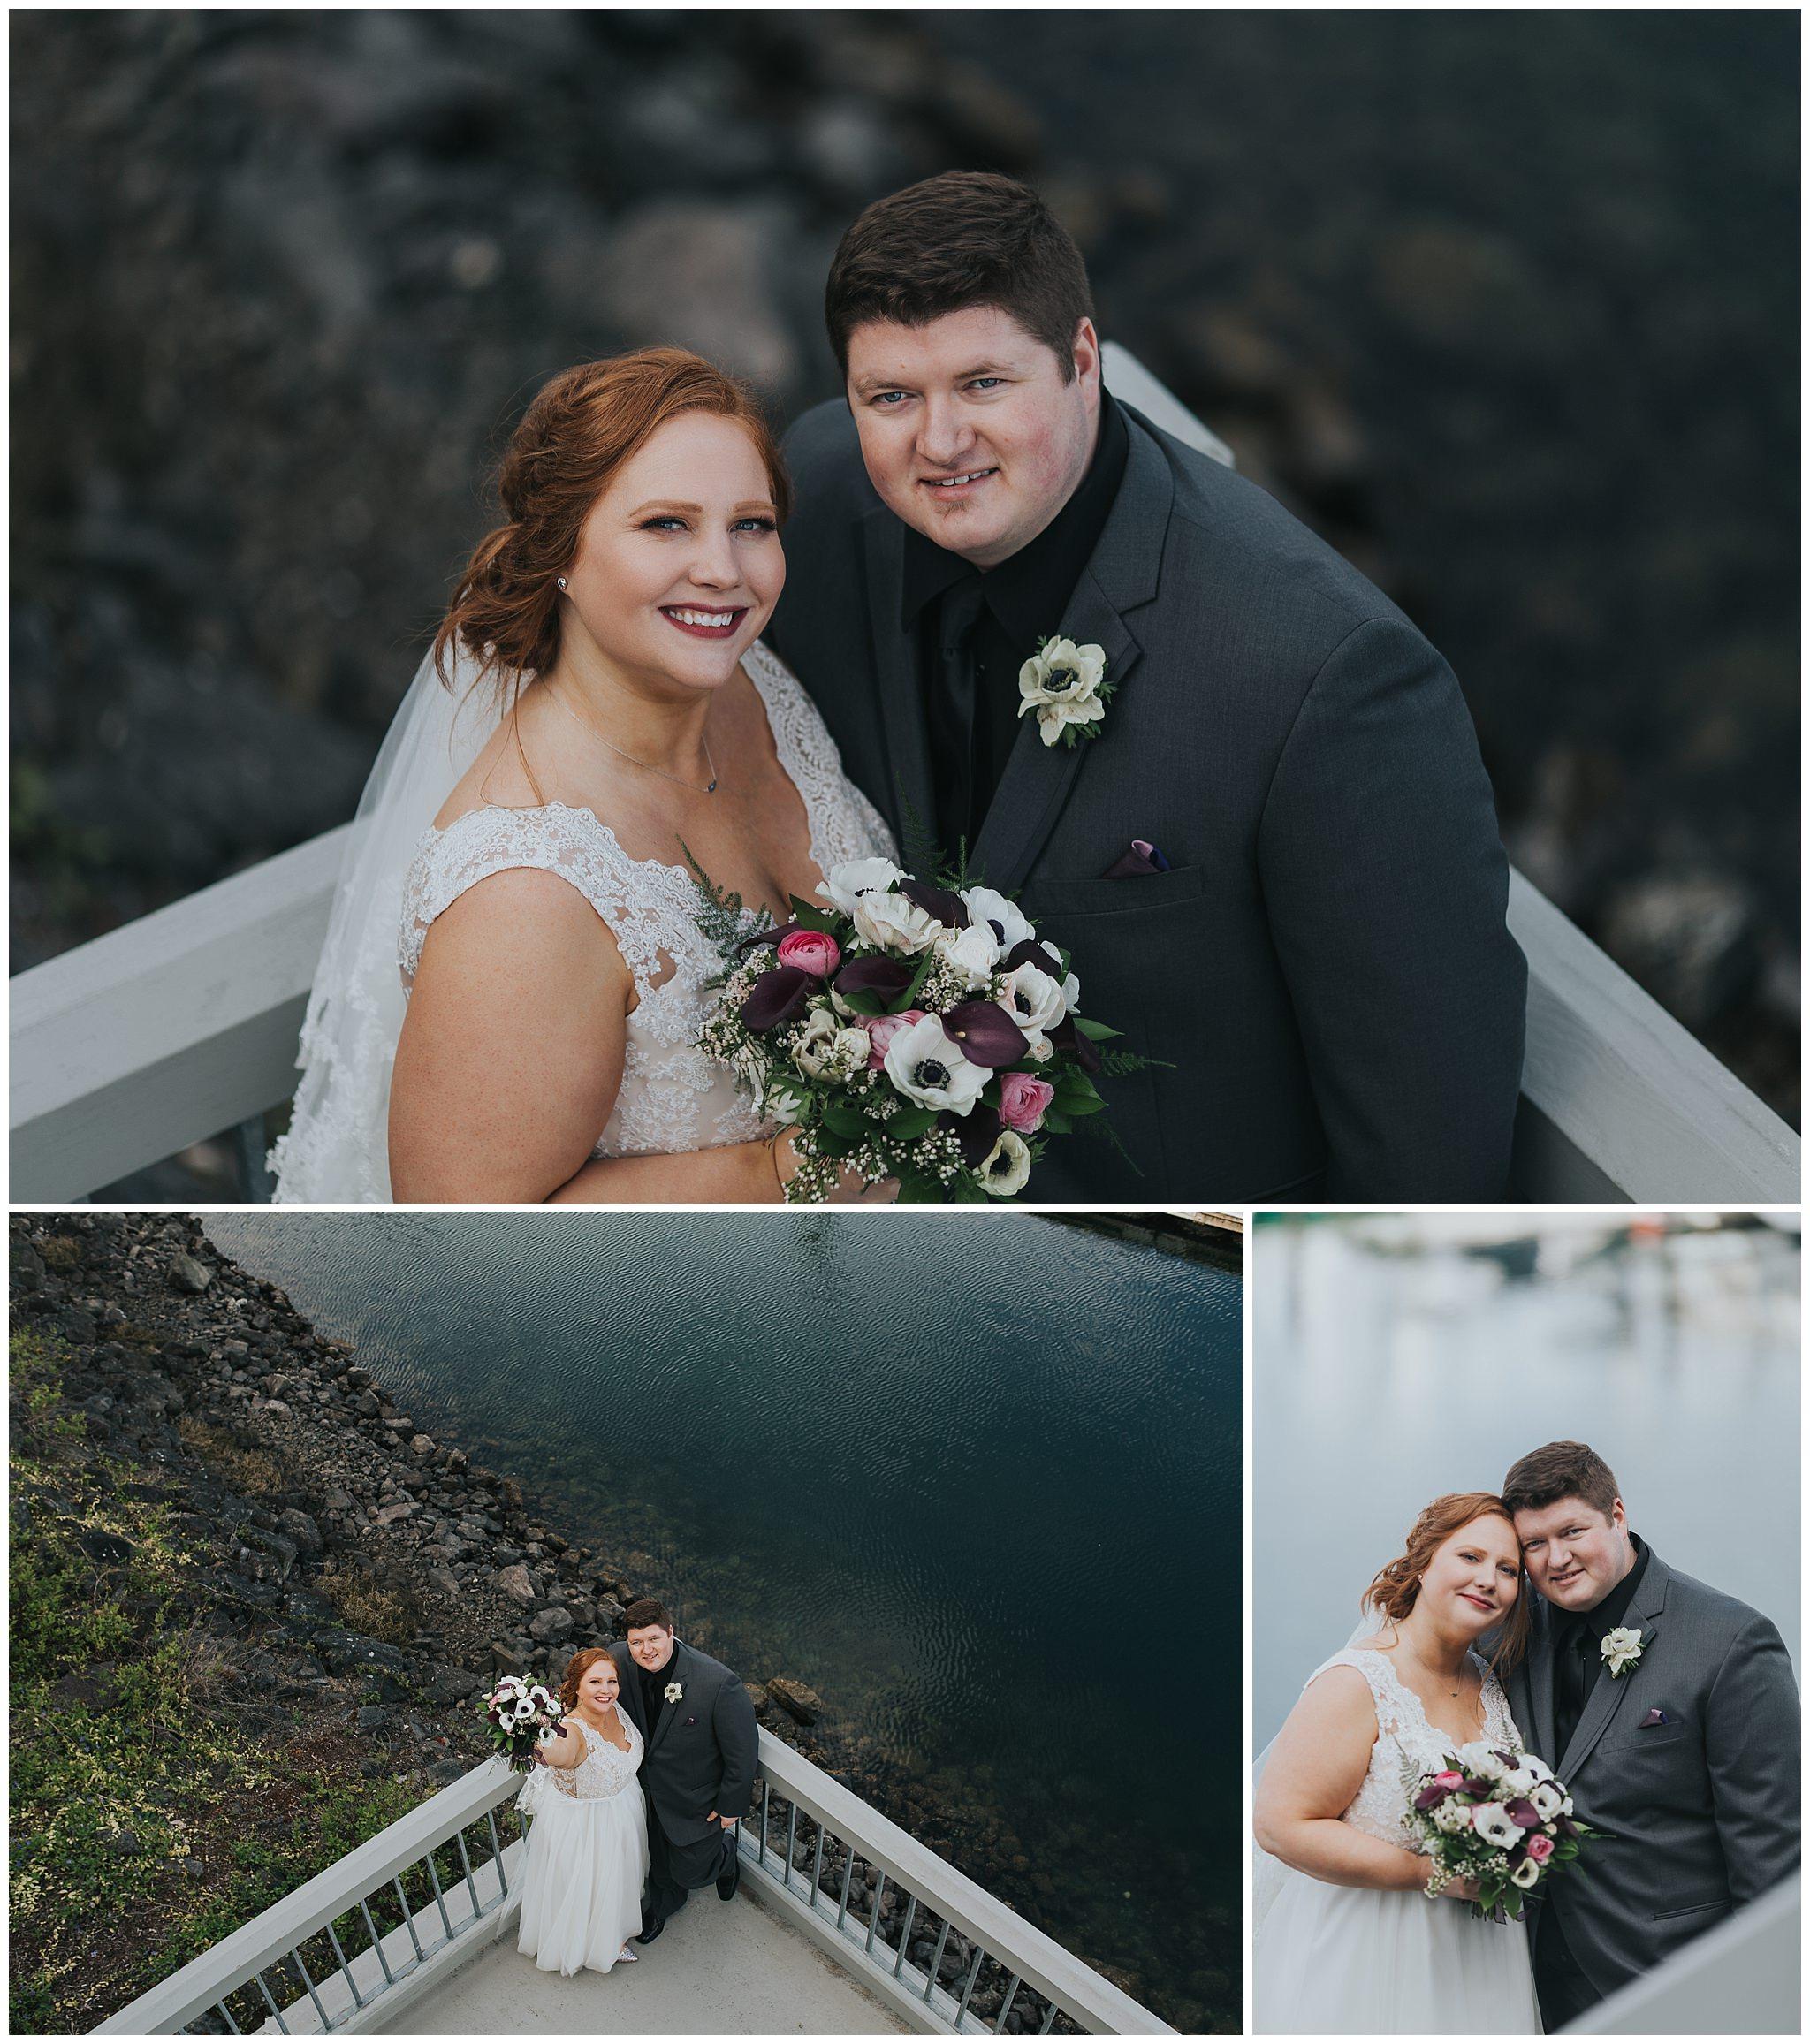 seattleweddingphotography42.jpg